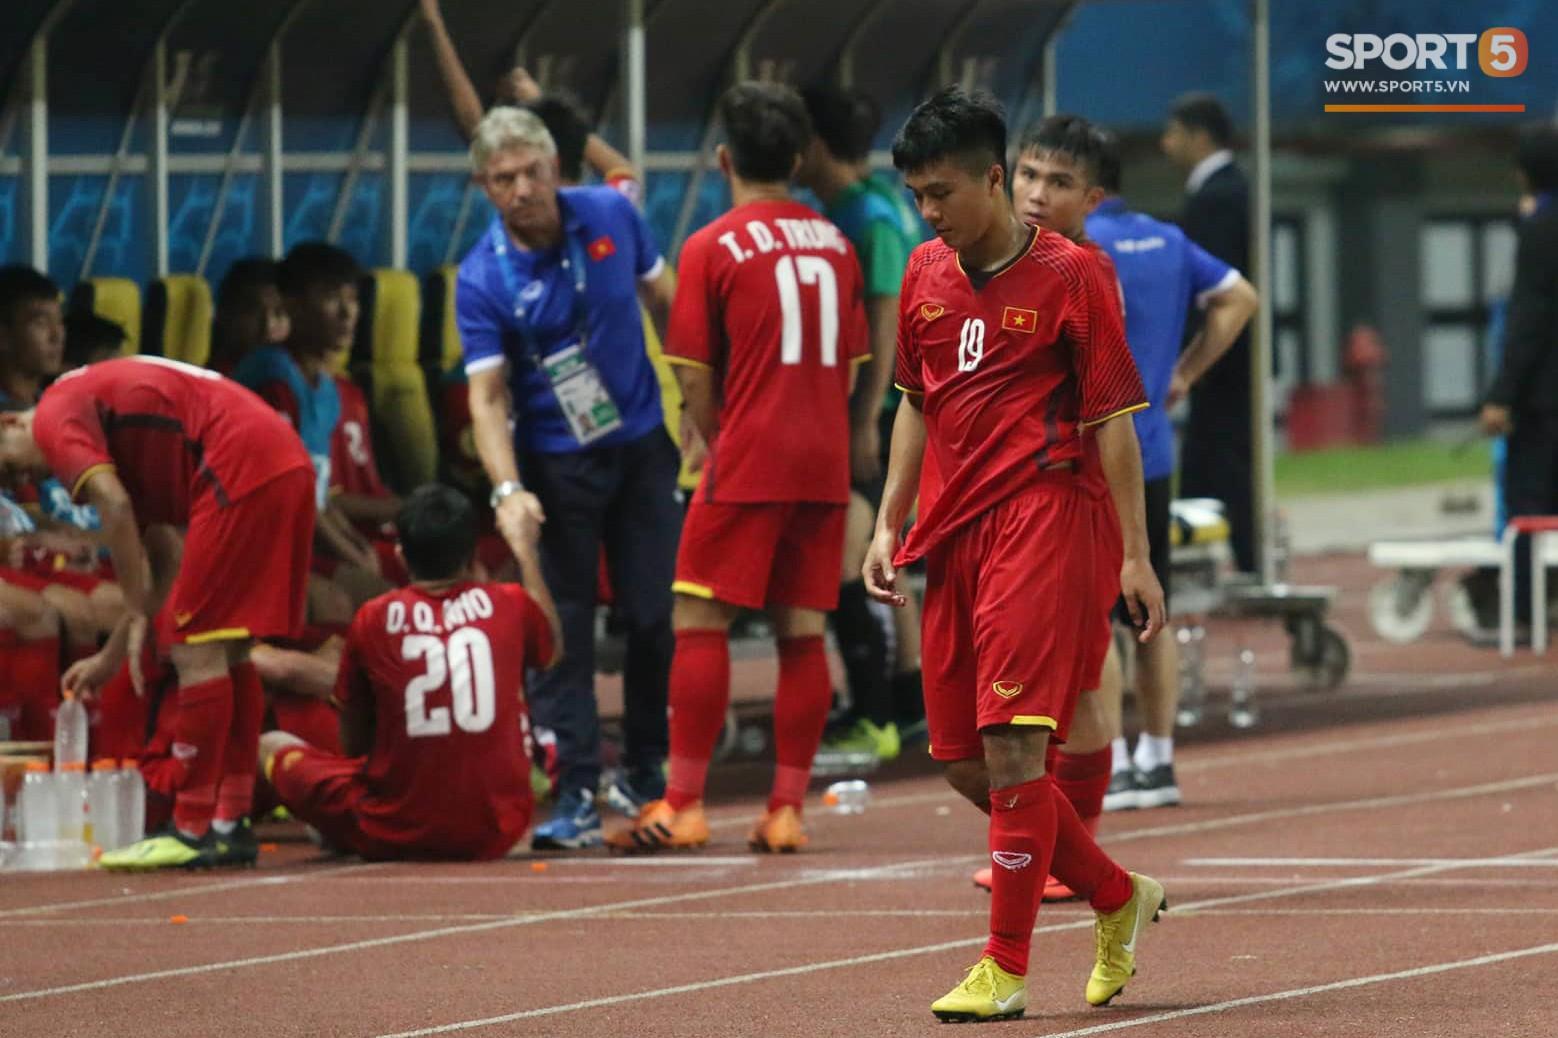 Cầu thủ U19 Việt Nam cúi đầu sau trận thua U19 Australia, chính thức bị loại khỏi giải U19 châu Á 2018 - Ảnh 7.